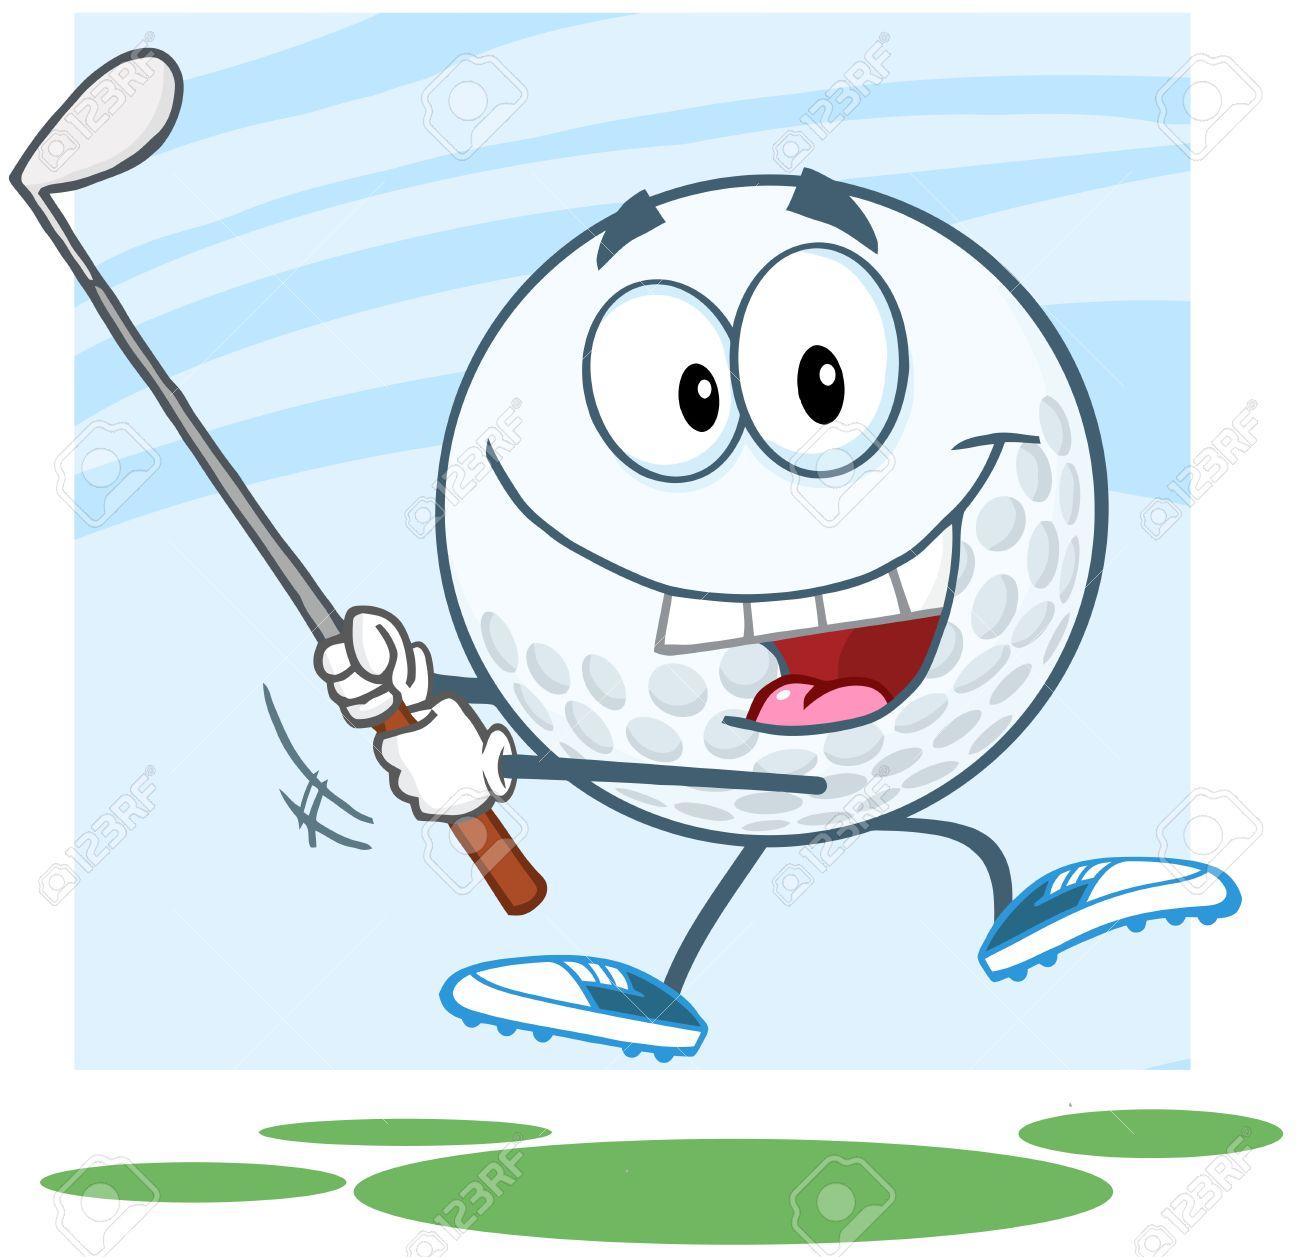 Happy Golf Ball Cartoon Character Swinging A Golf Club Royalty Free on cartoon easy draw golf club, easy drawings to draw golf club, cartoon golf club bag, cartoon swinging golf club,